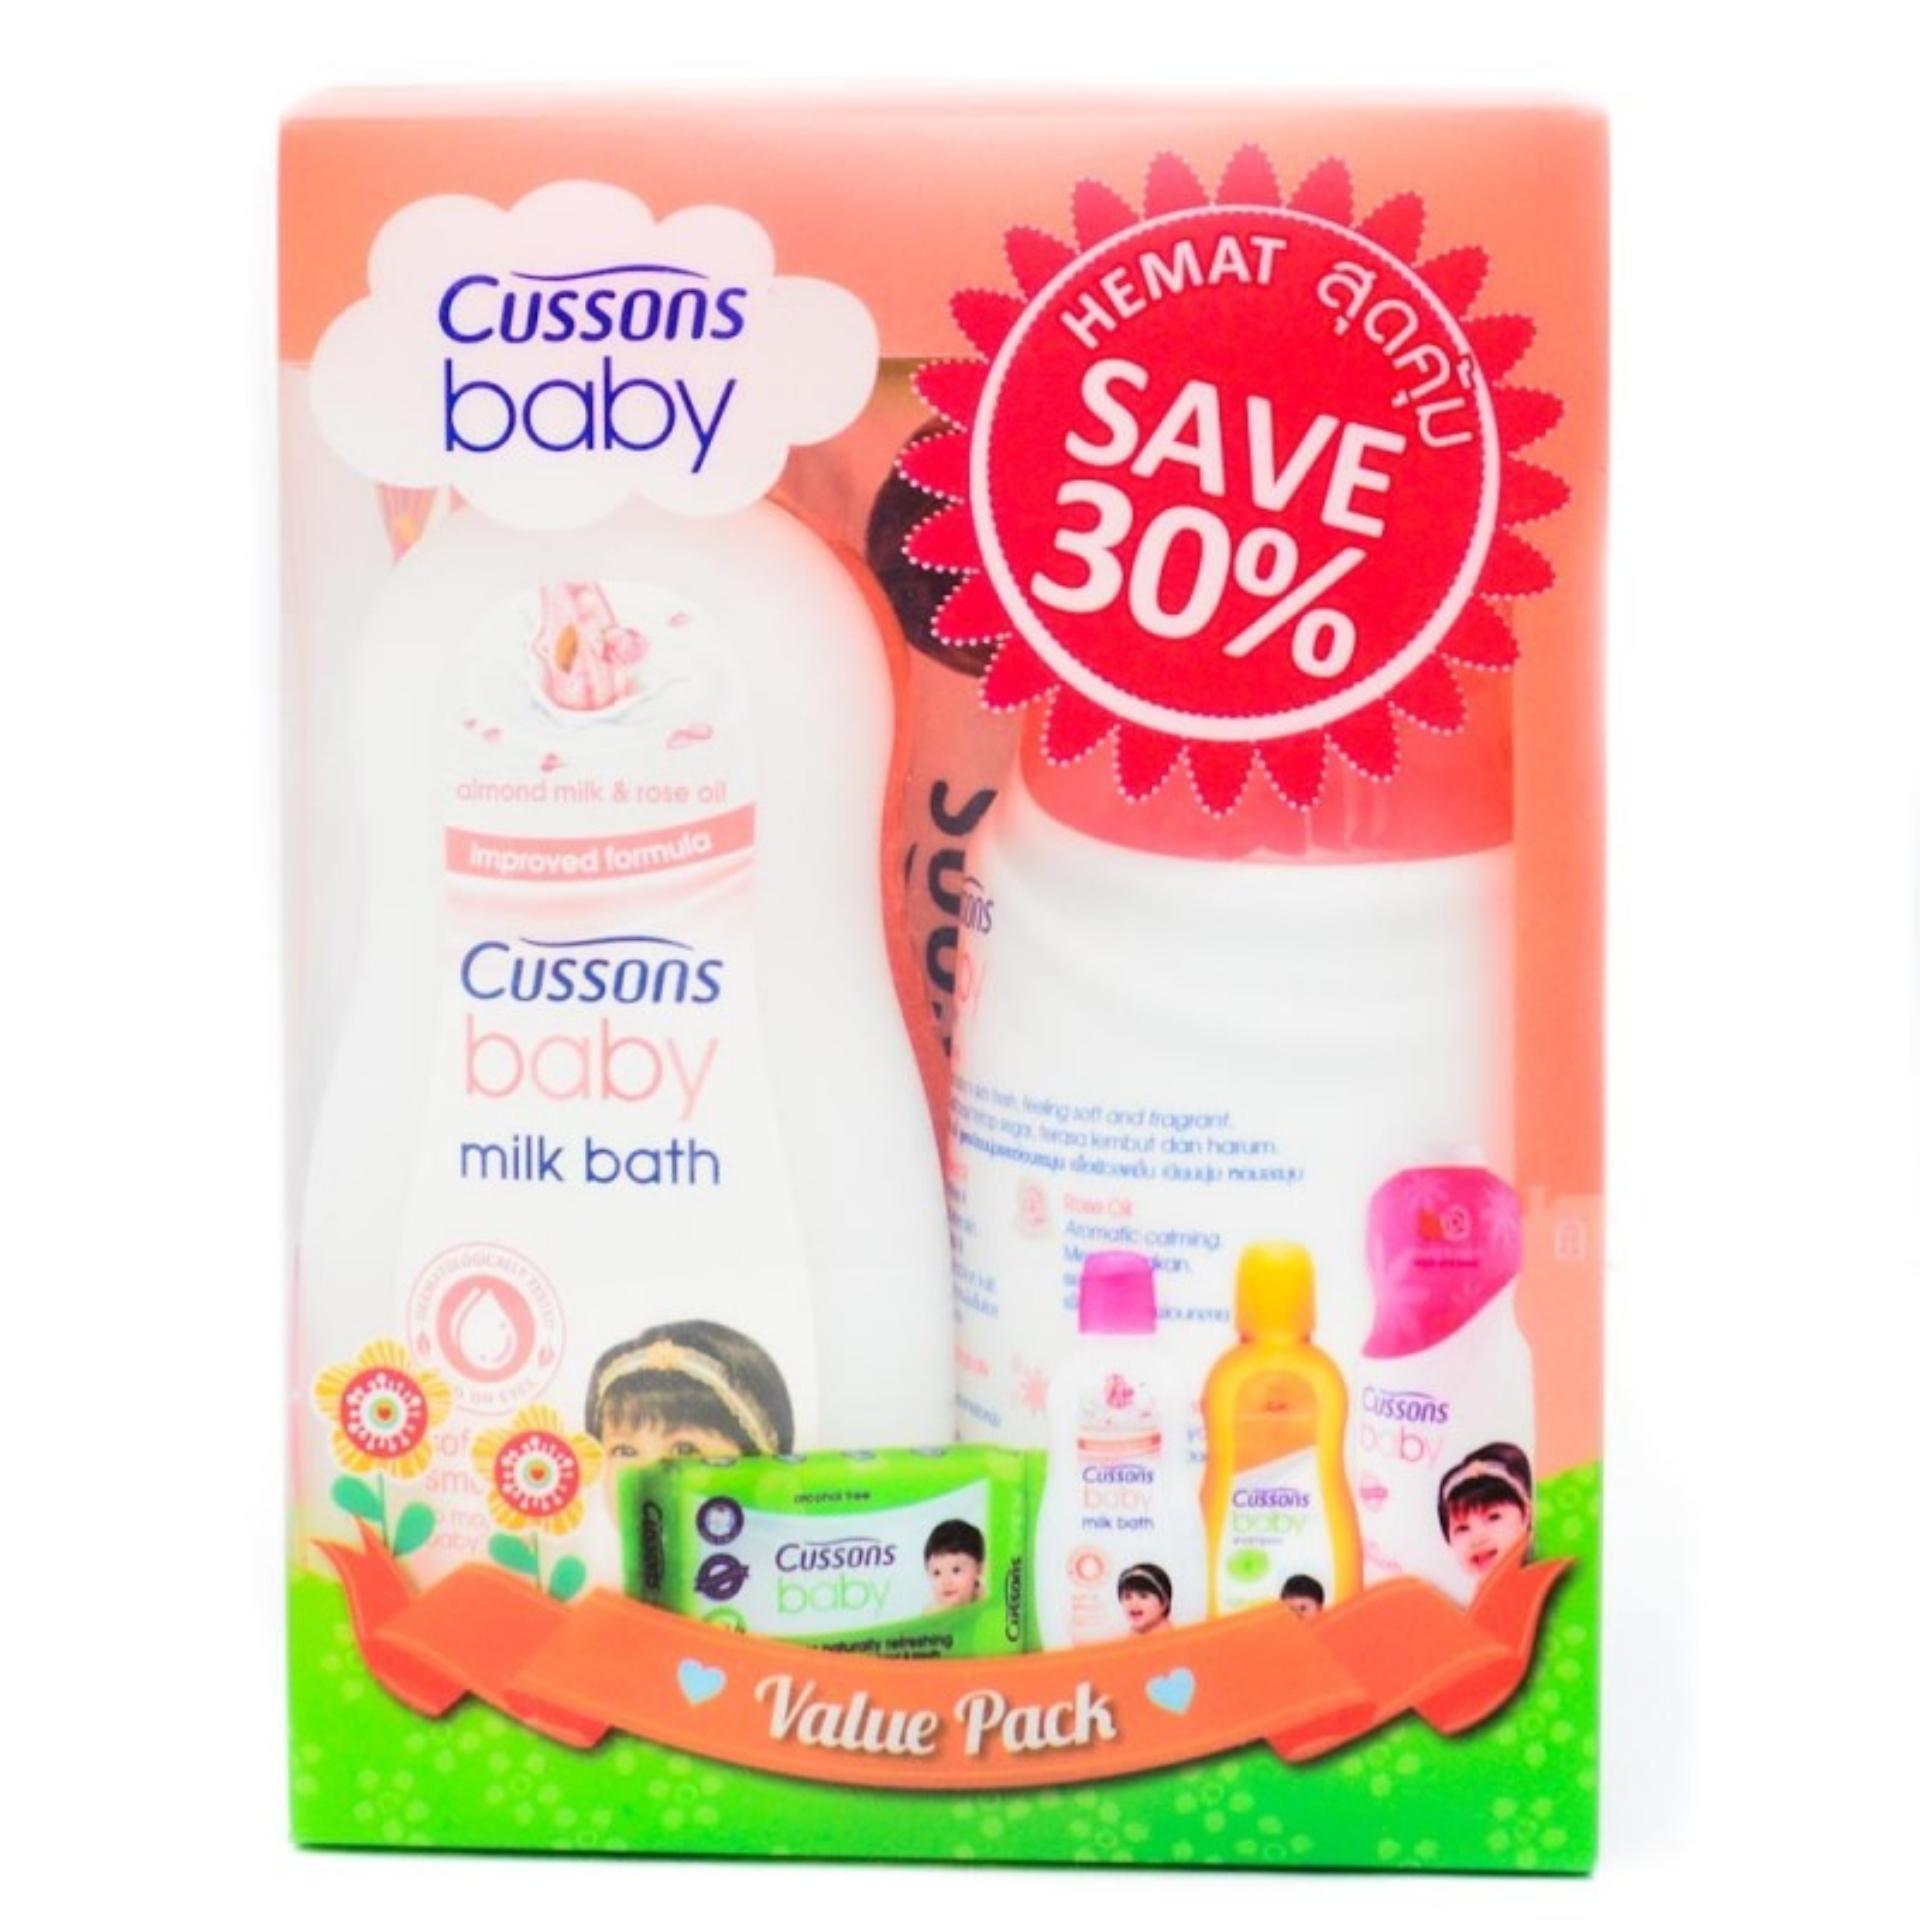 Diskon Cussons Baby Purple Bag Complete Care Set Toko Perlengkapan Dalam Kemasan Berisi 4 Pcs Value Pack Mandi Bayi